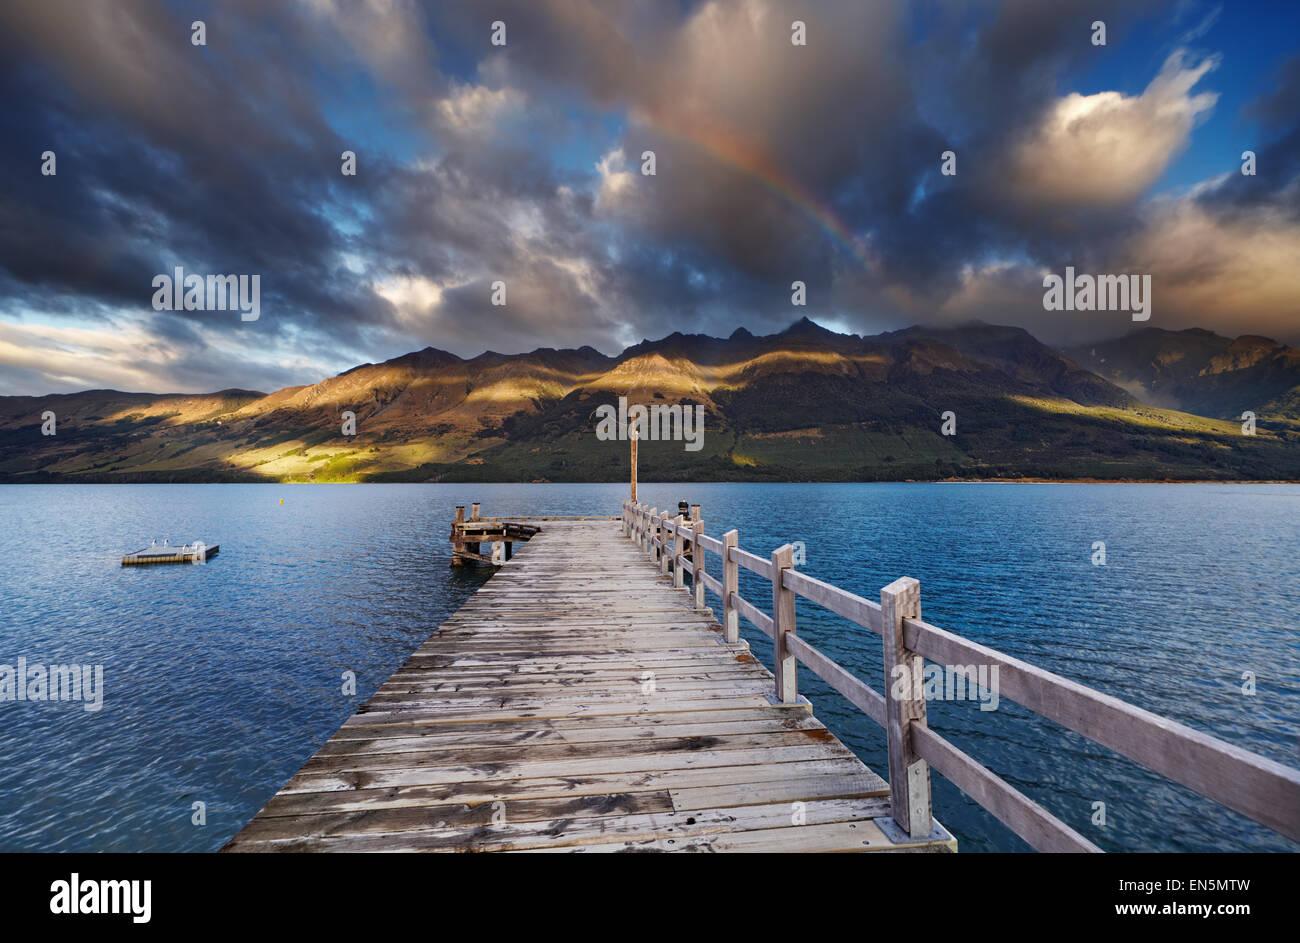 Il molo in legno, lago di Wakatipu, Glenorchy, Nuova Zelanda Immagini Stock